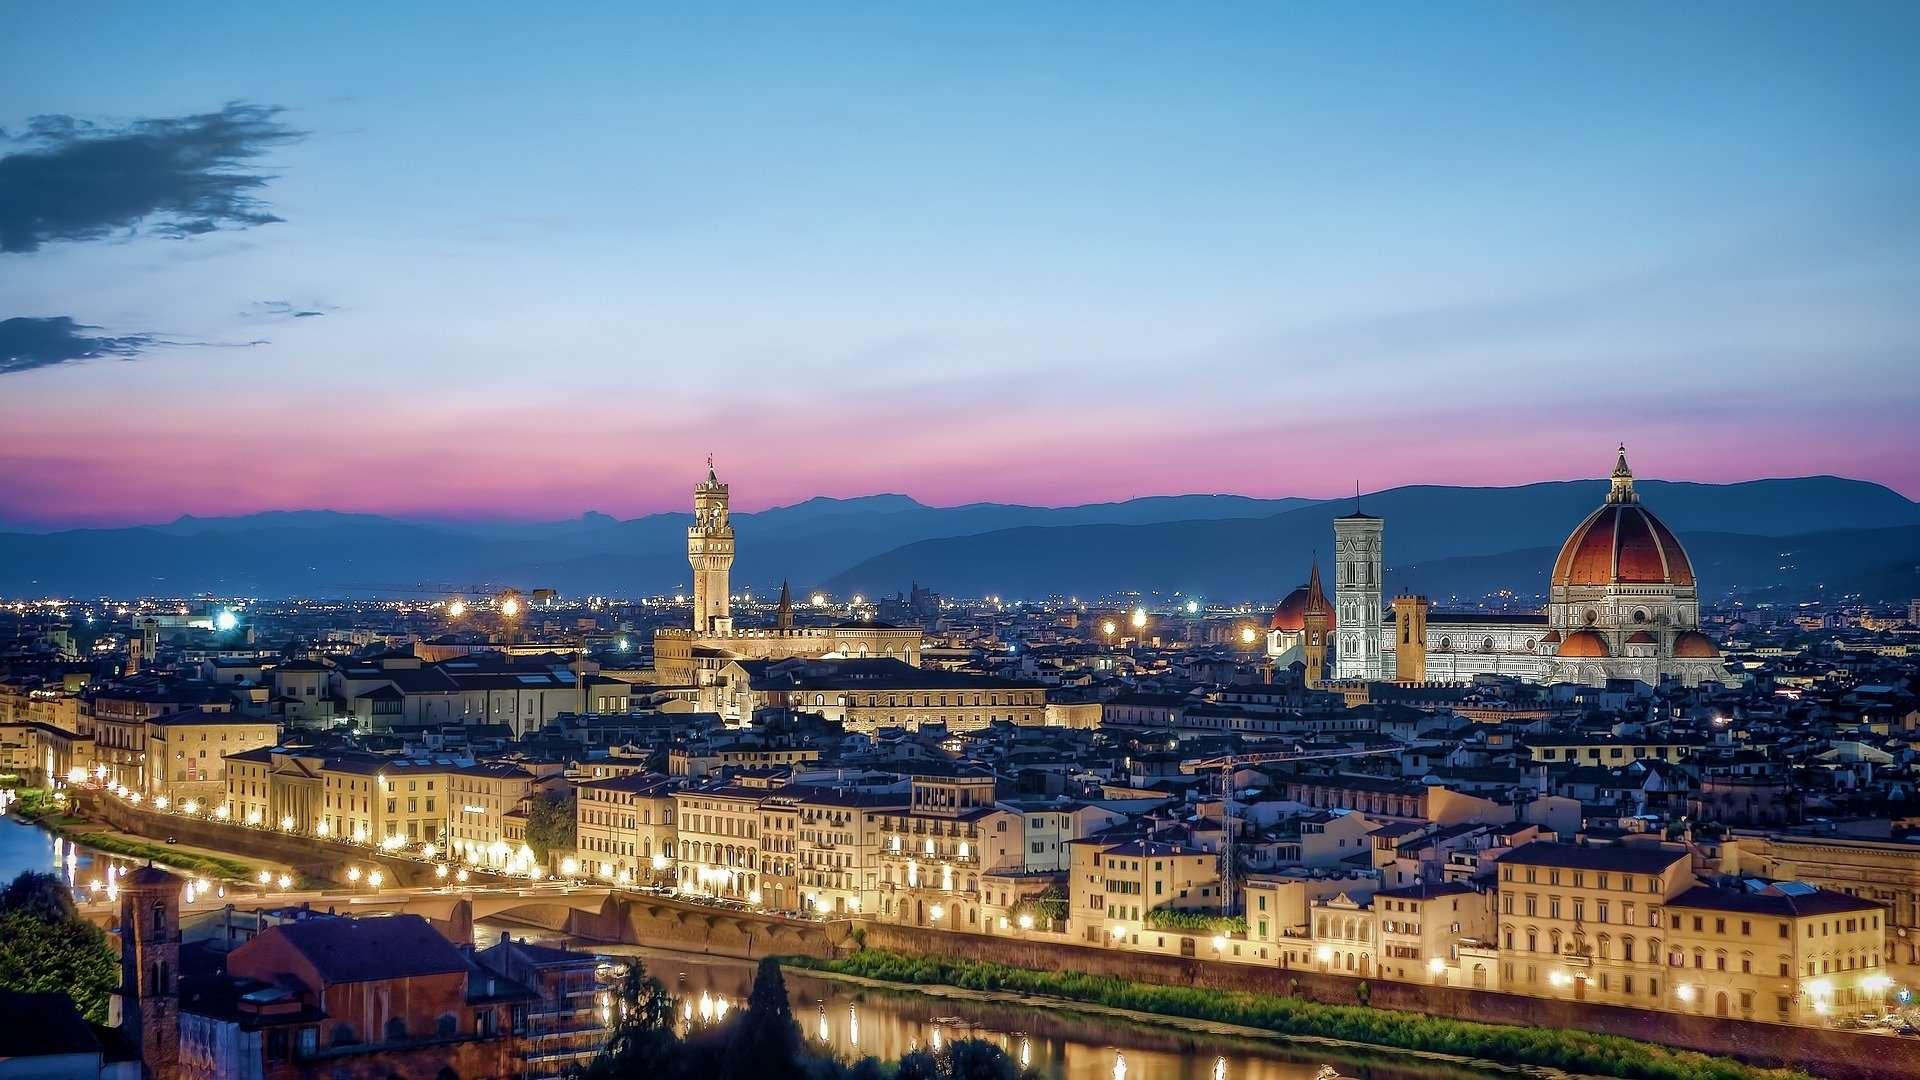 Tuscany - Florence